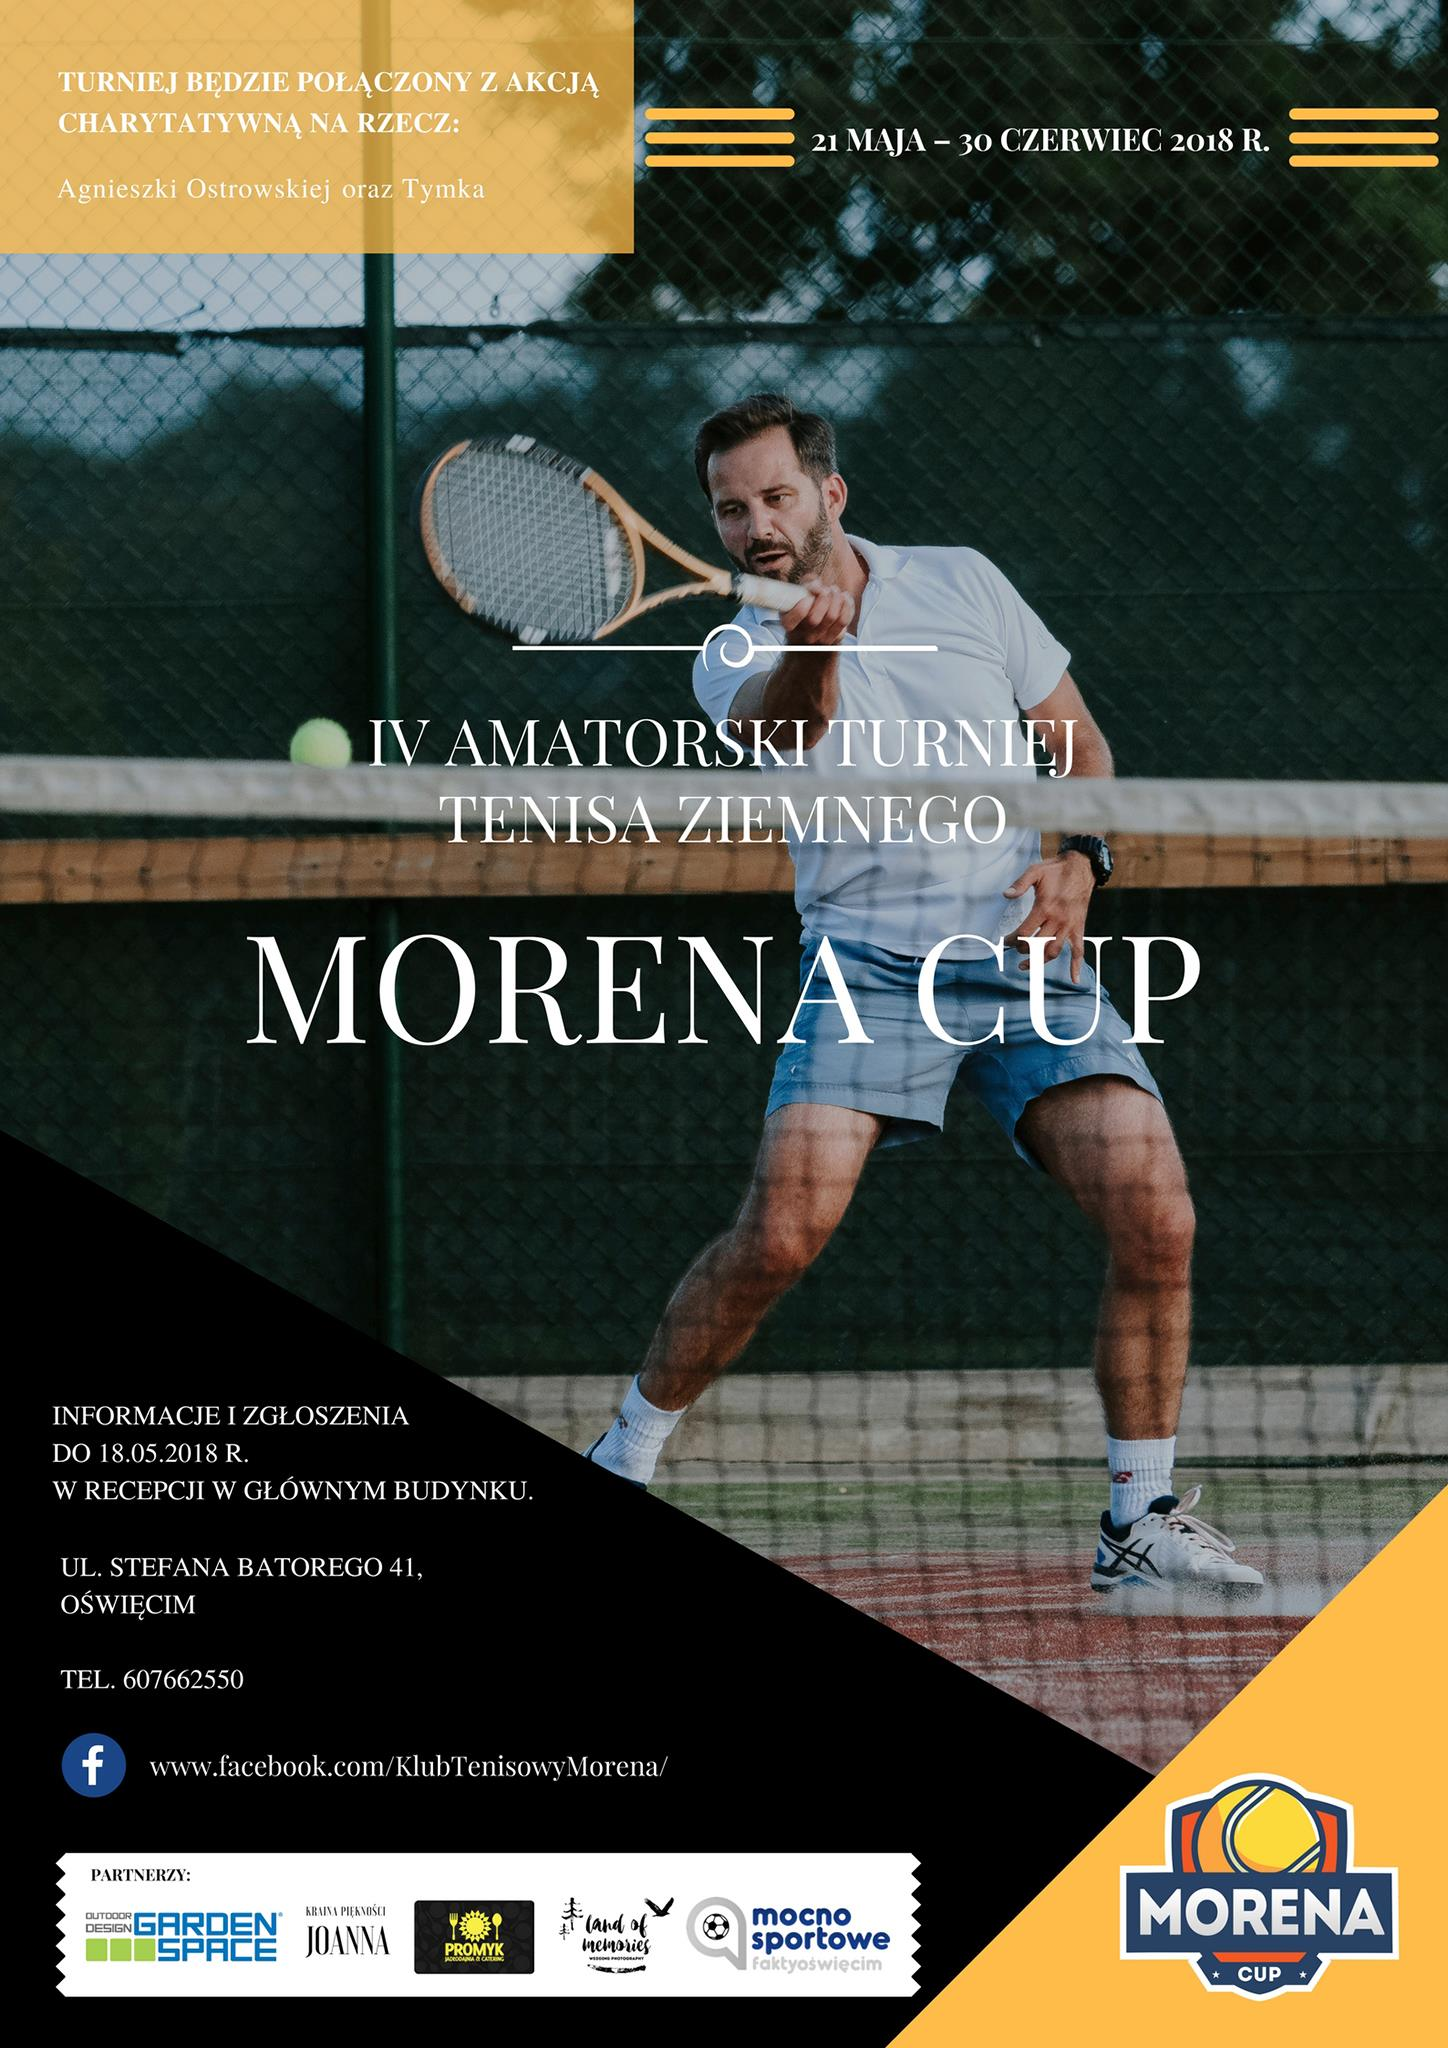 Klub tenisowy Morena w Oświęcimiu organizuje kolejny turniej Moren Cup. Udział w turnieju mogą wziąć kobiety i mężczyźni.